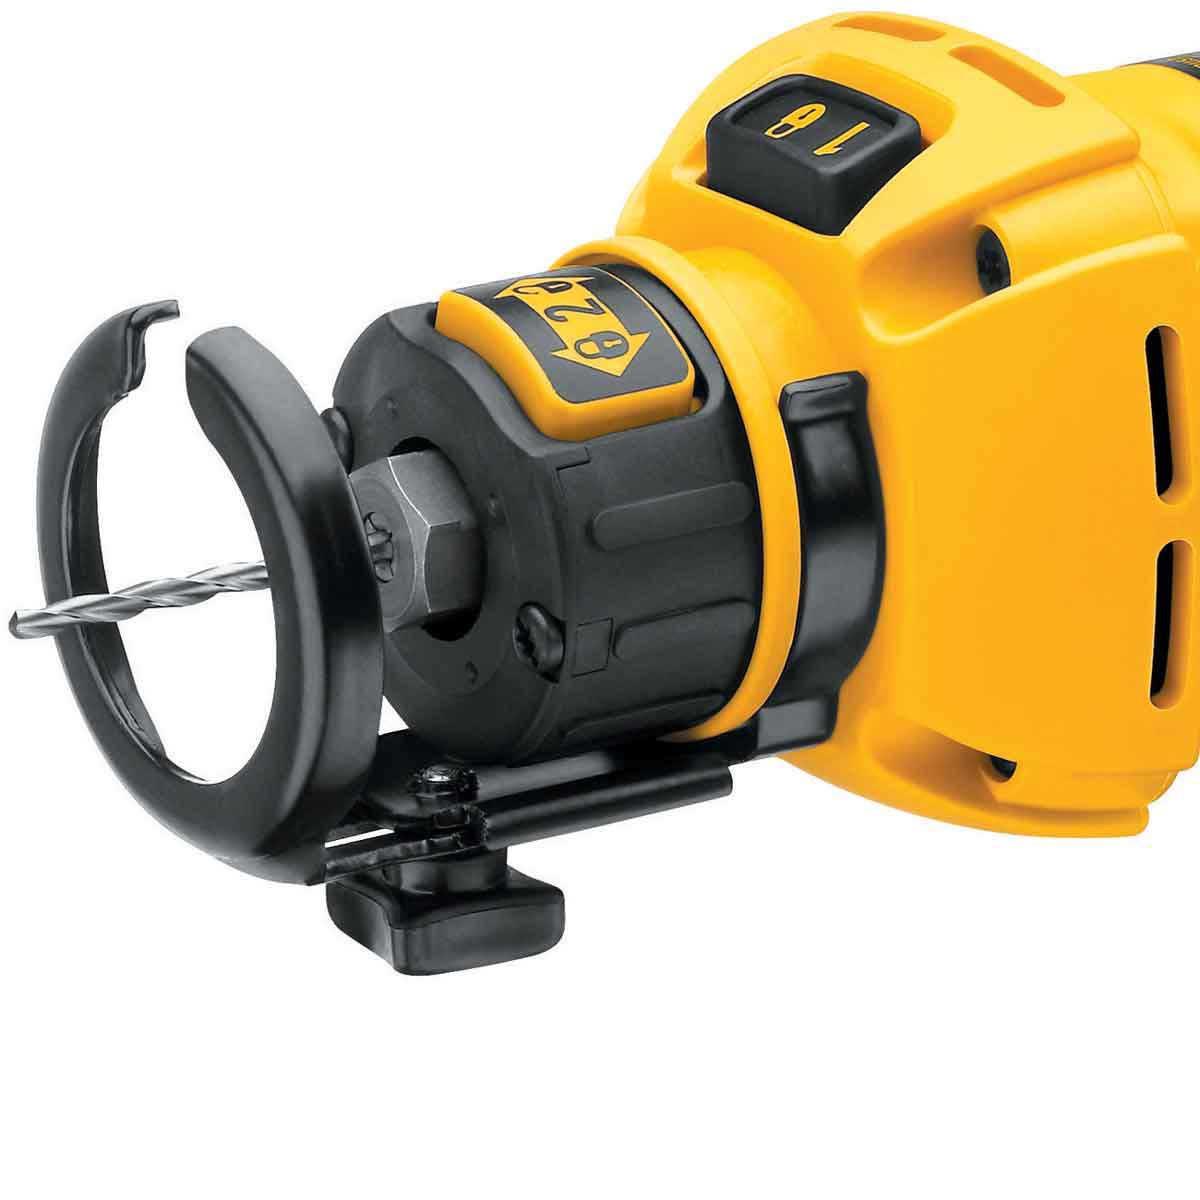 Dewalt Dw660 Cut Out Tool Contractors Direct